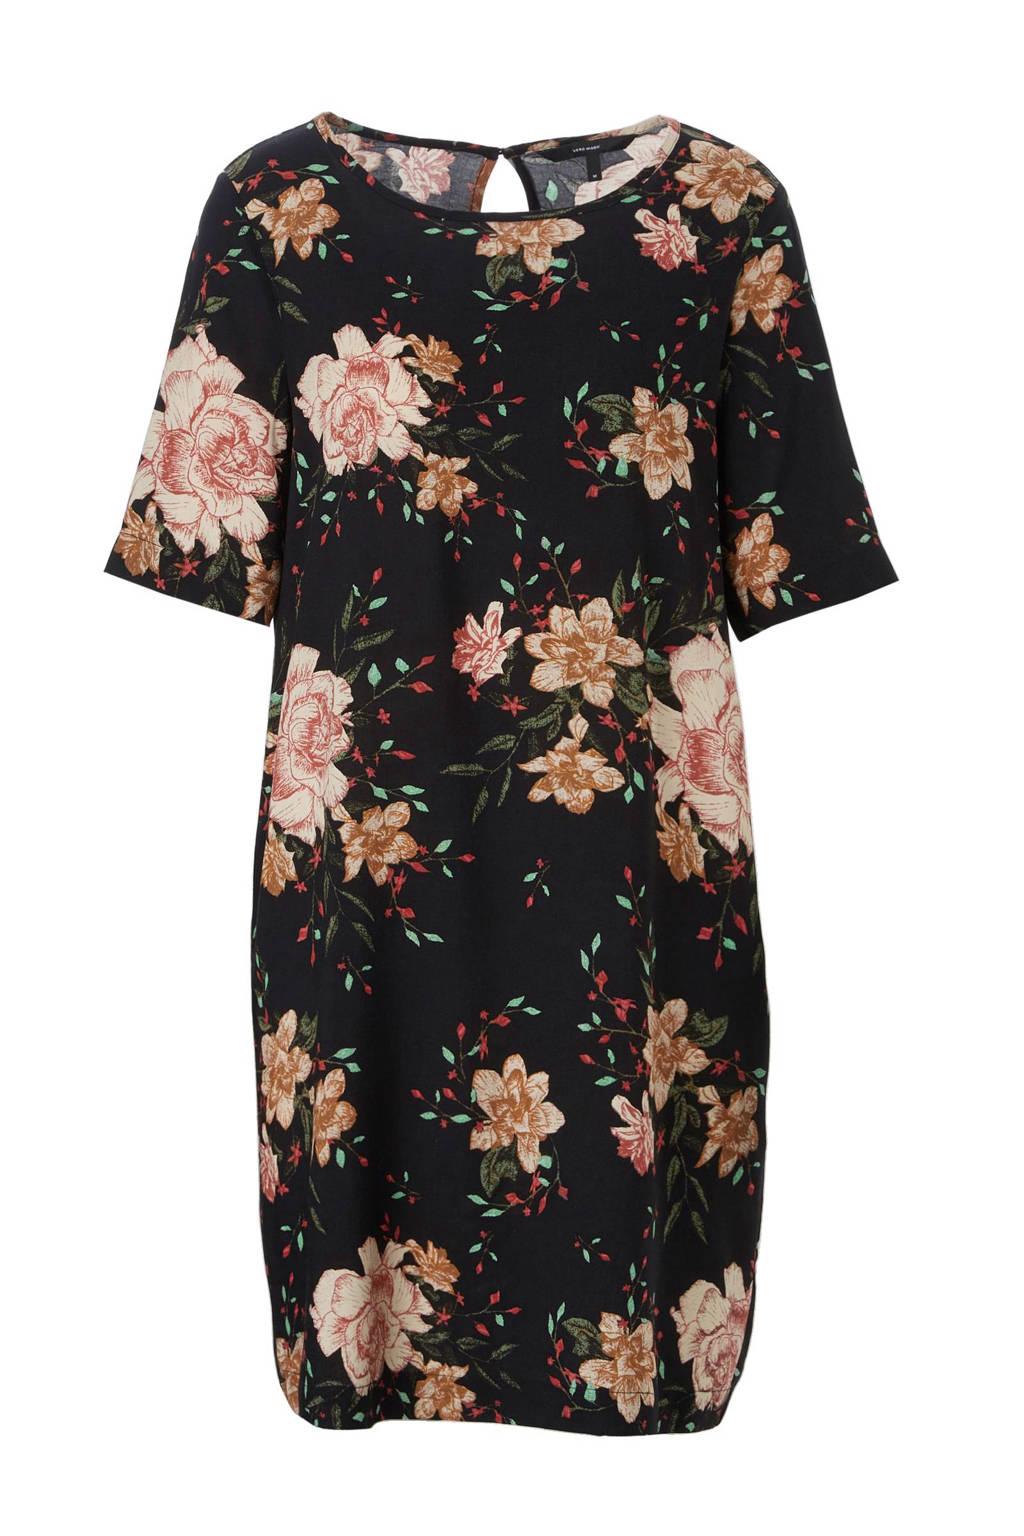 VERO MODA jurk met bloemendessin, Zwart/rood/groen